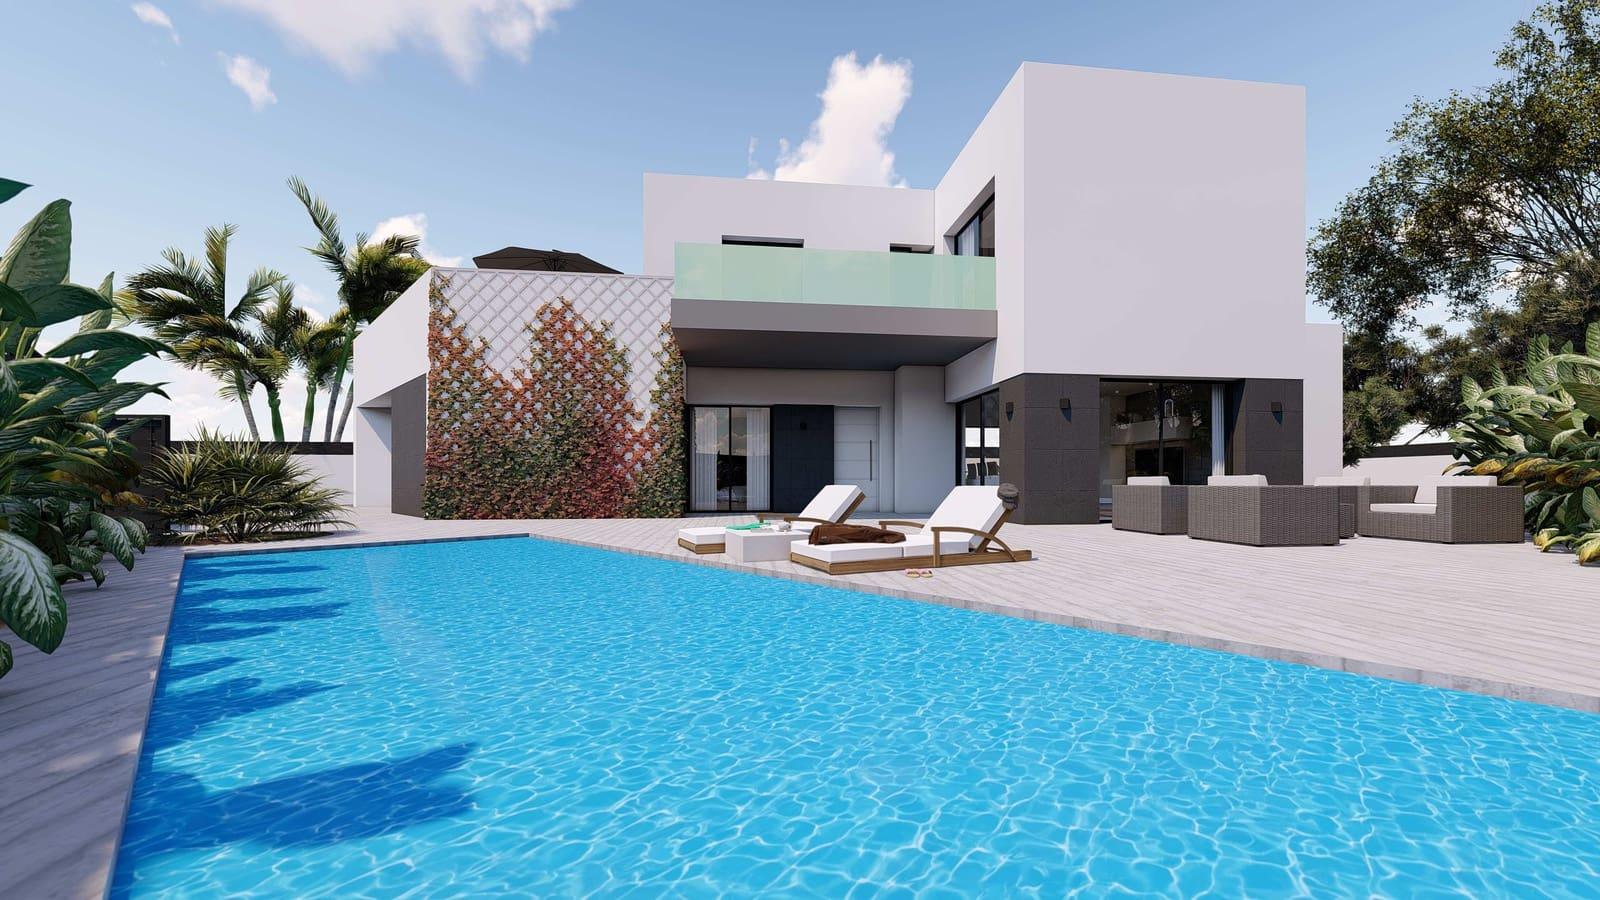 Chalet de 3 habitaciones en Benijófar en venta con piscina garaje - 348.000 € (Ref: 4356264)